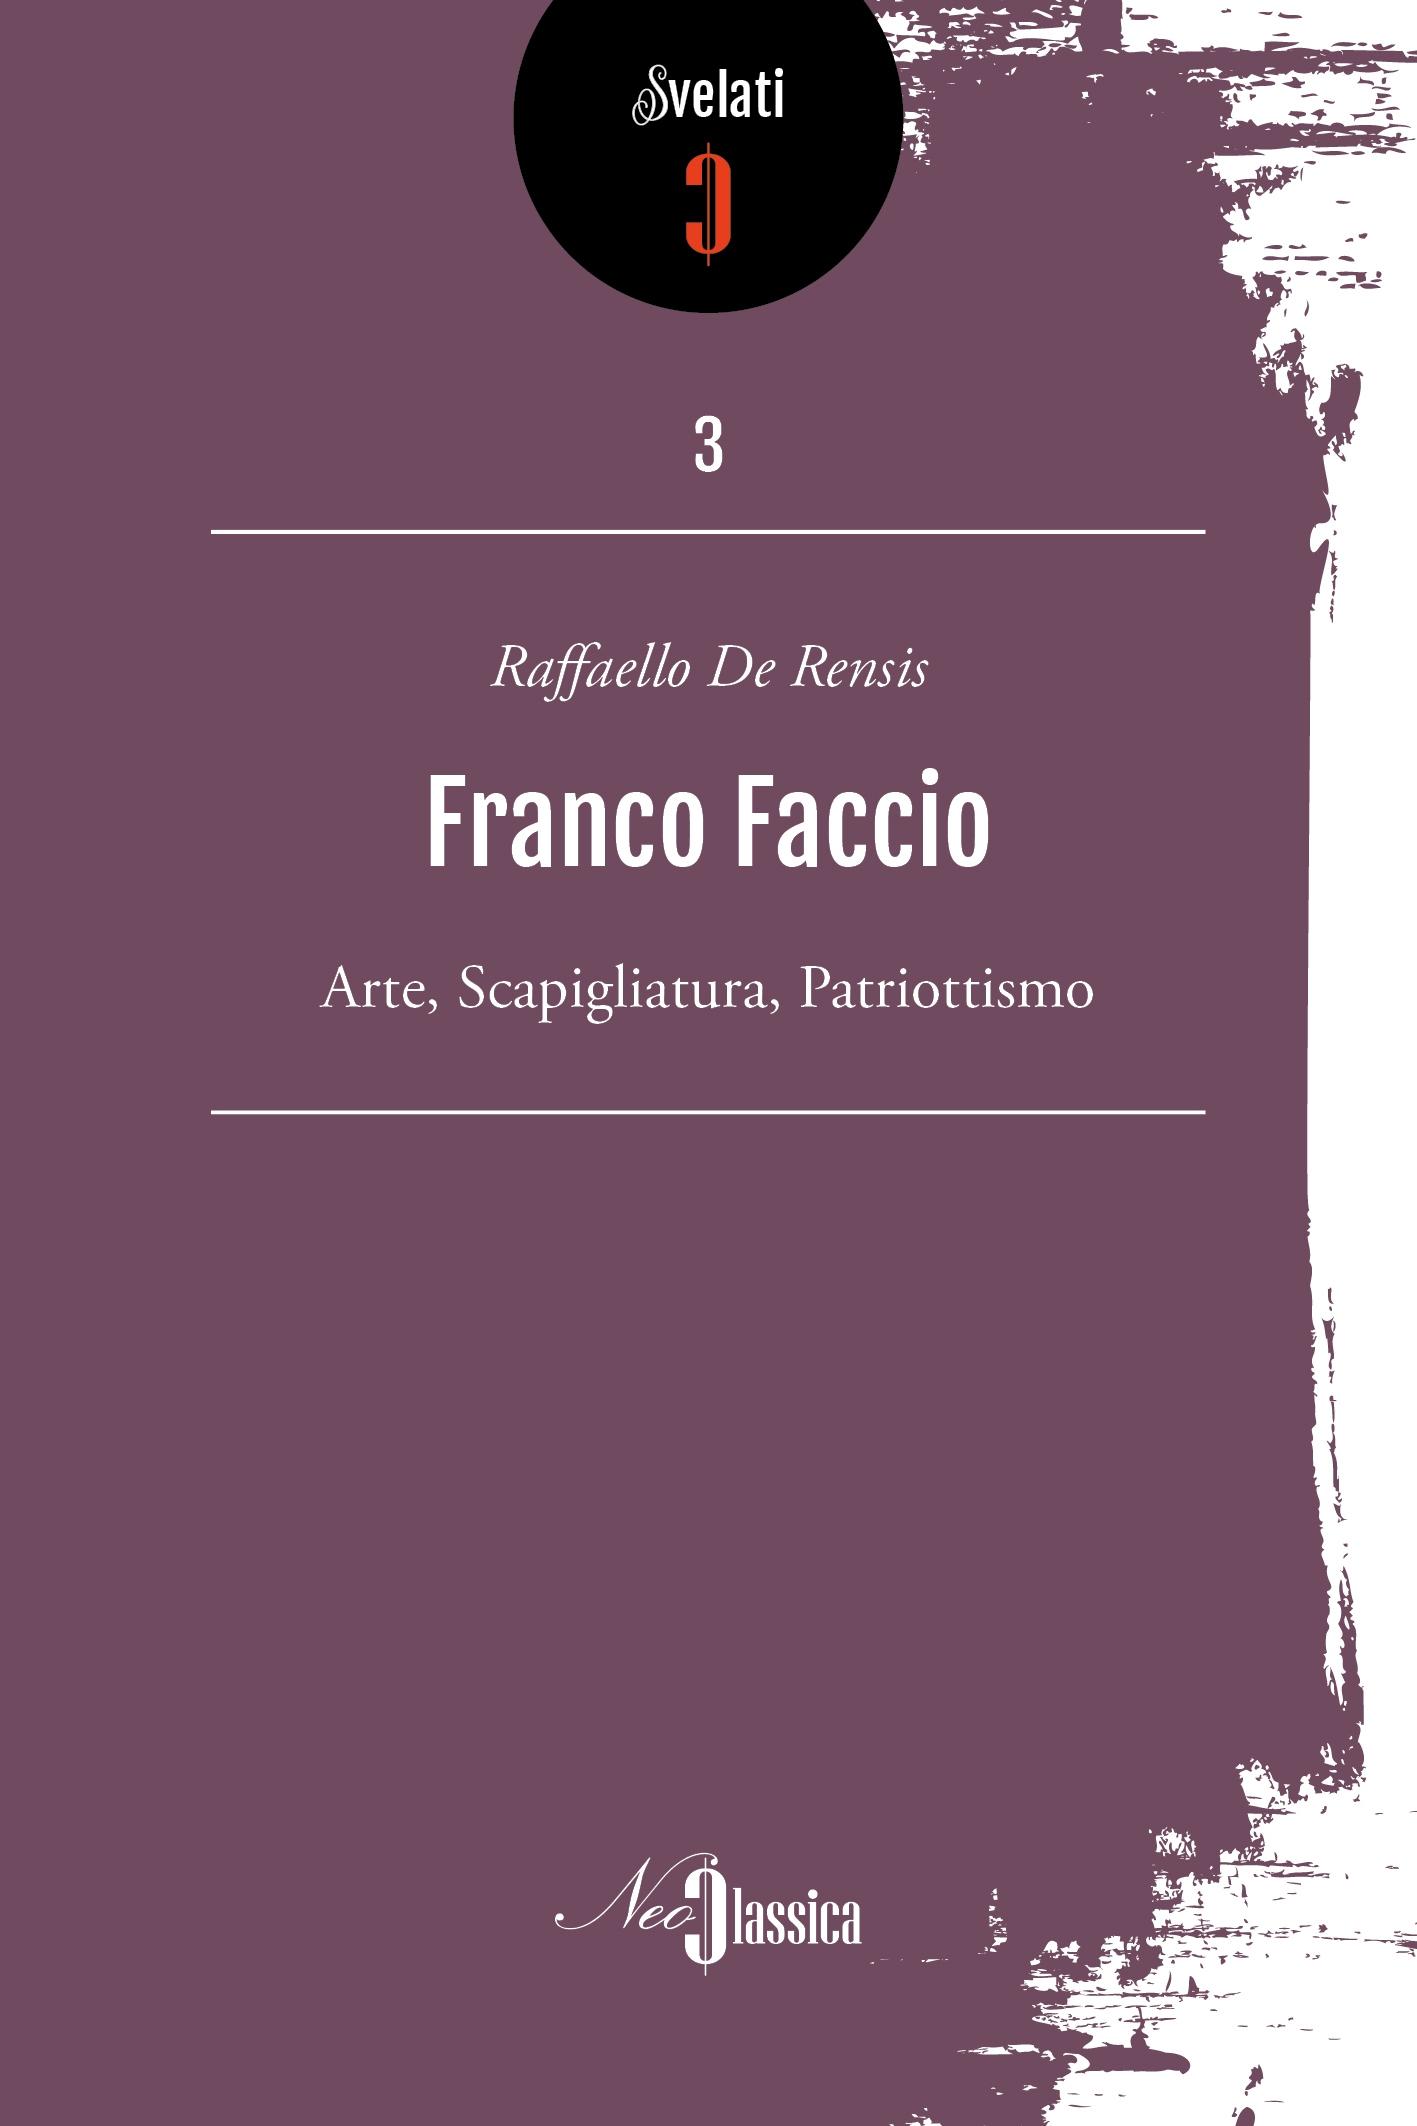 De Rensis - Franco Faccio